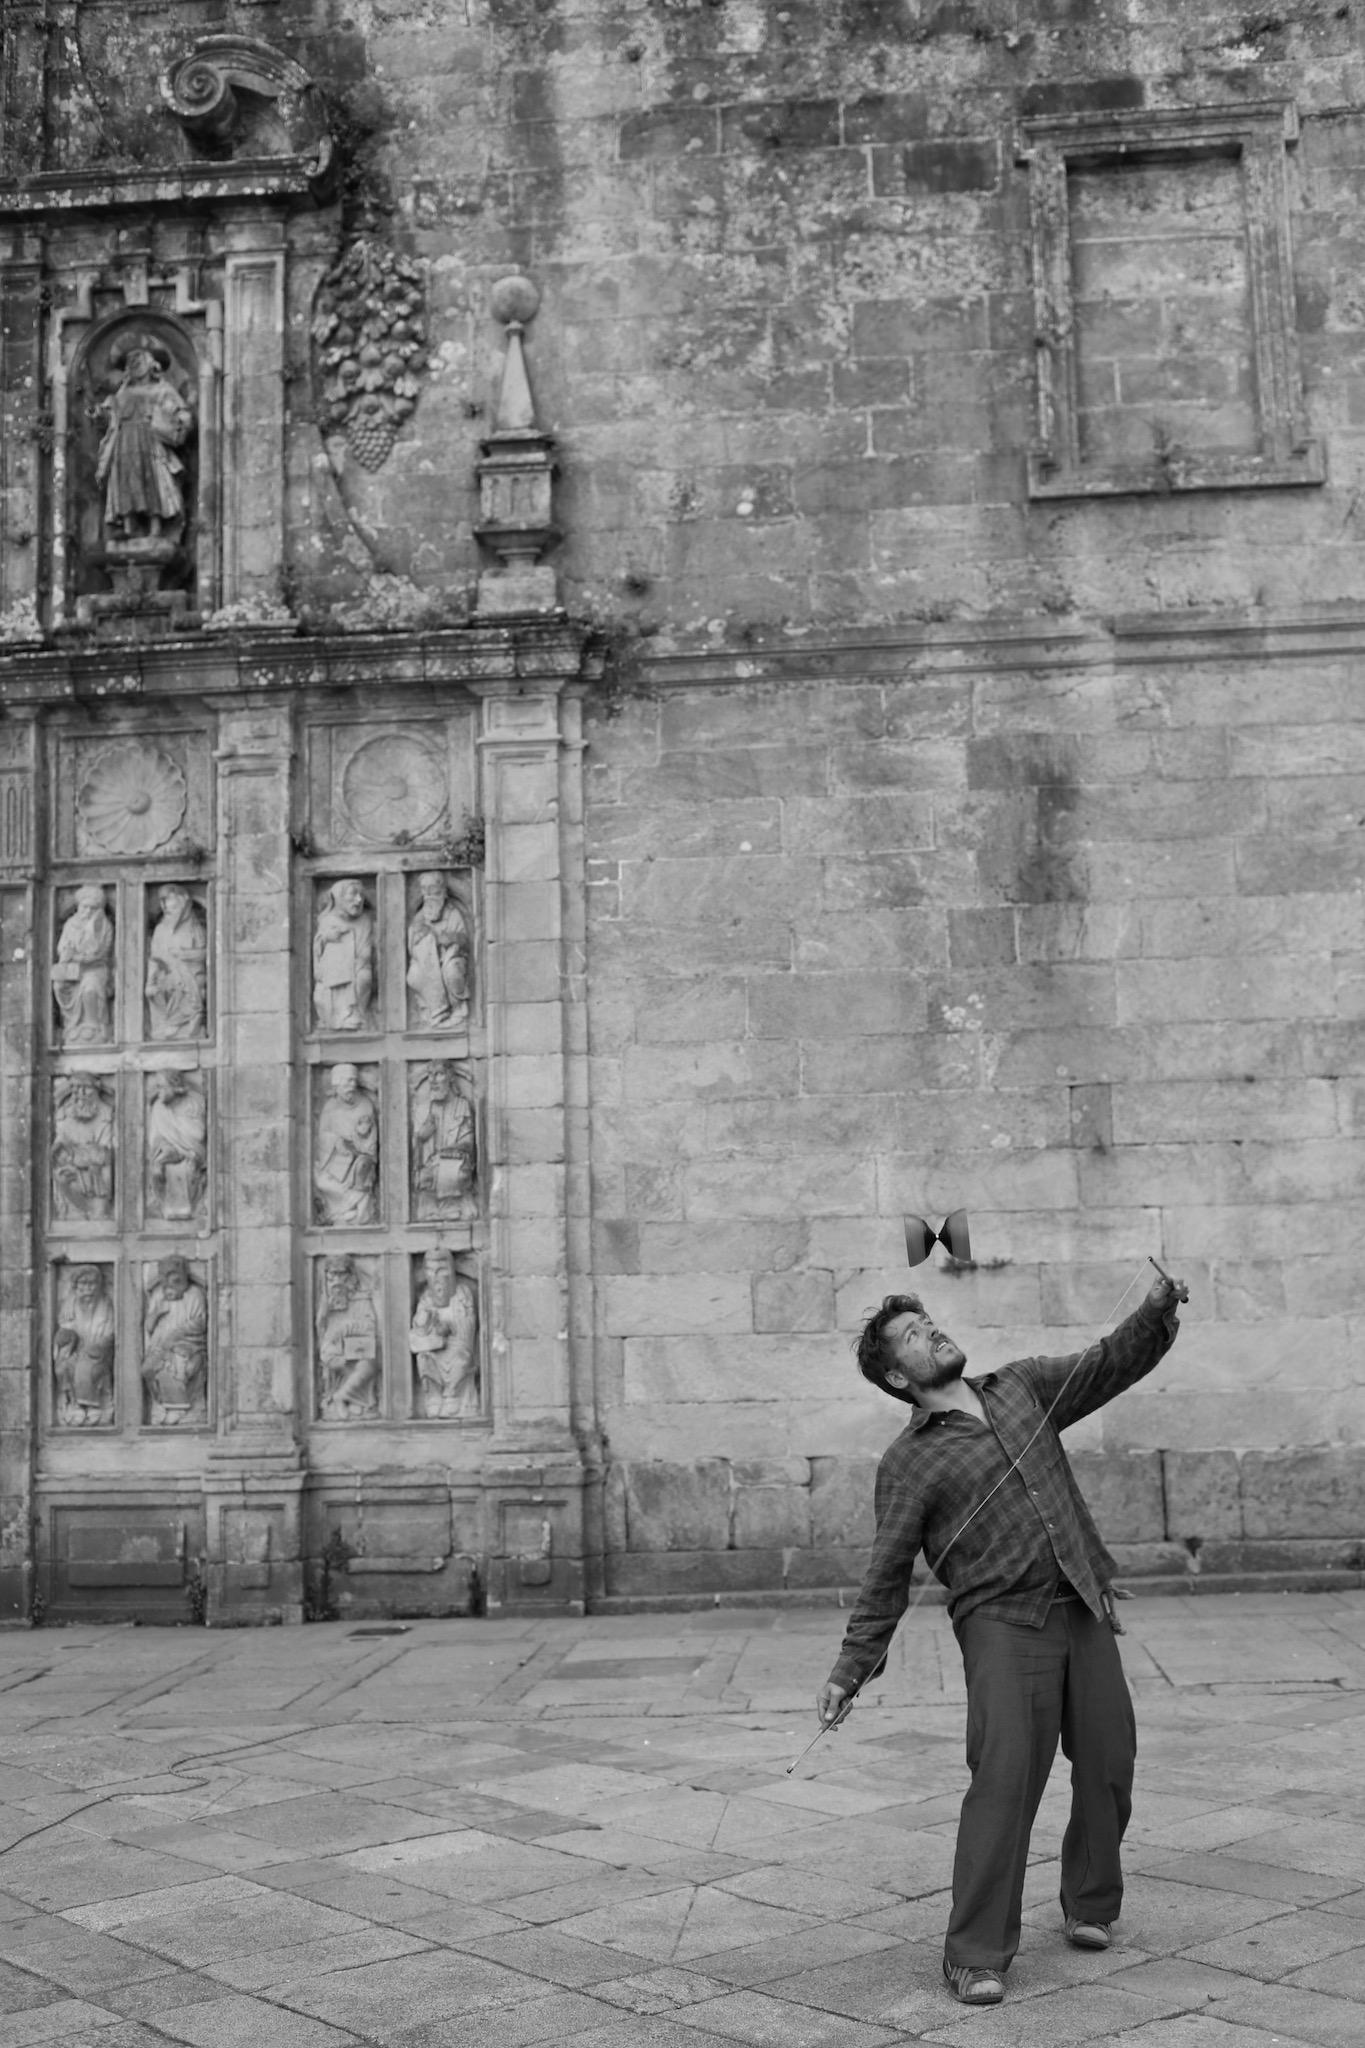 Santiago de Compostela | 326 MORMURs de troposfera.xyz by Dídac Gilabert | vintiset.net | 10